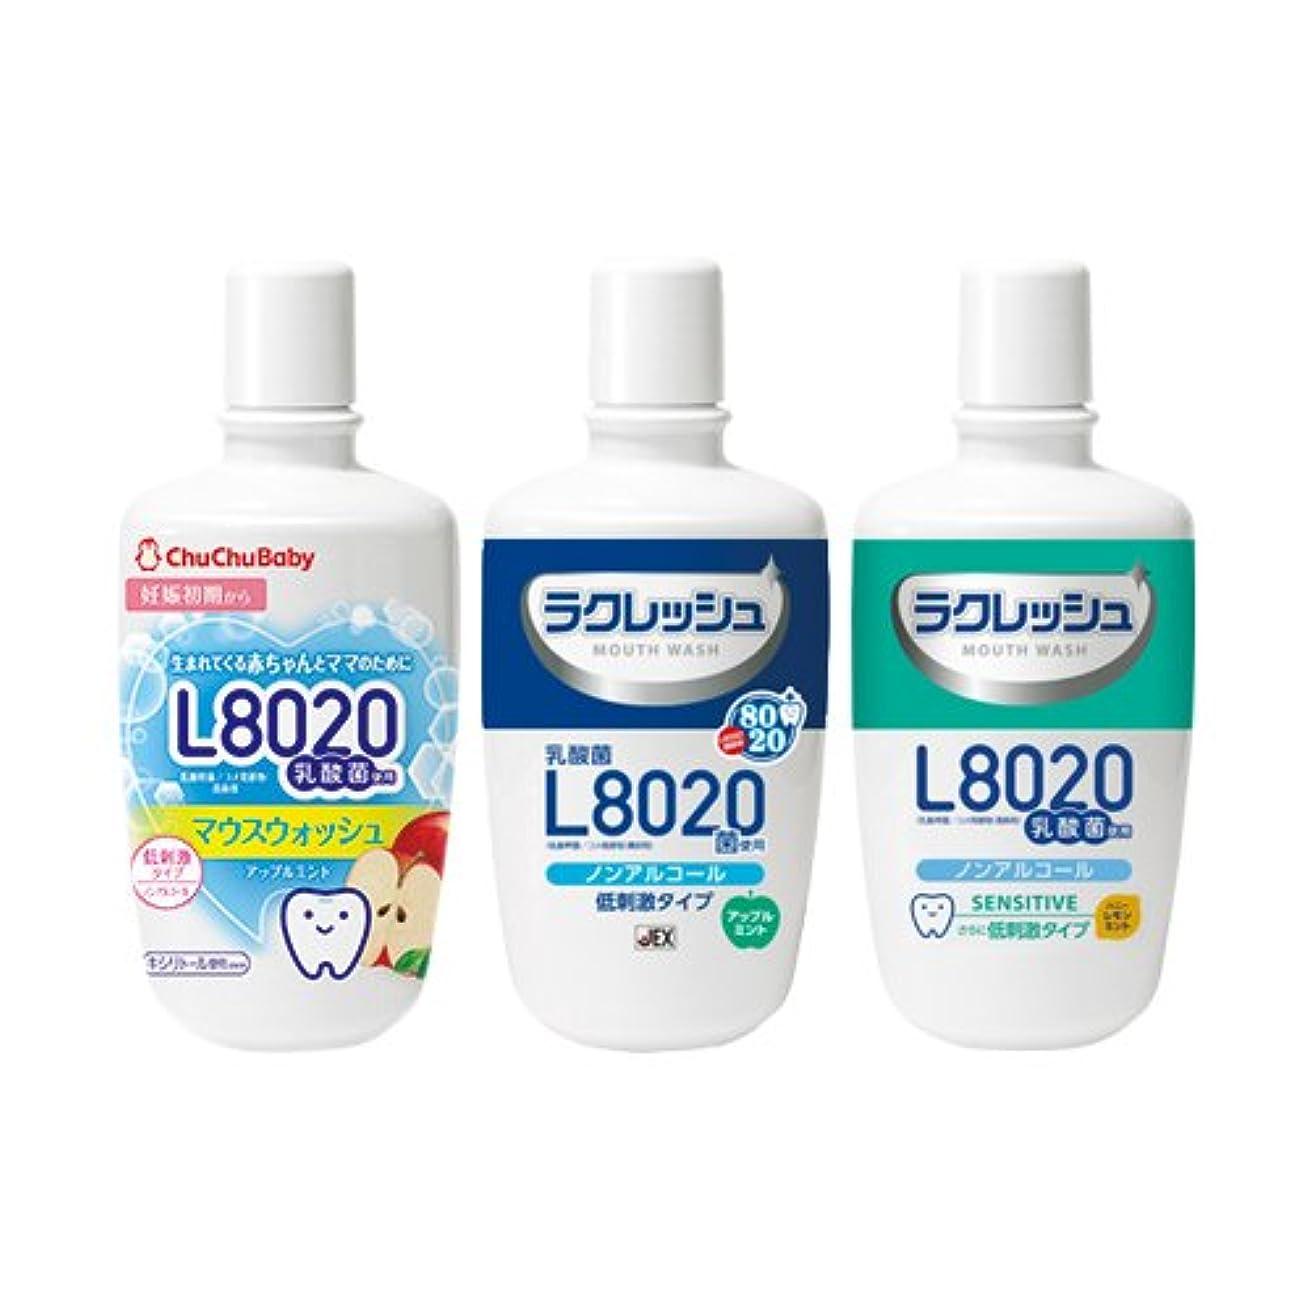 到着タンク光沢L8020乳酸菌入マウスウォッシュ 300ml 3種 × 各1本セット(ラクレッシュ/チュチュベビー/センシティブタイプ)